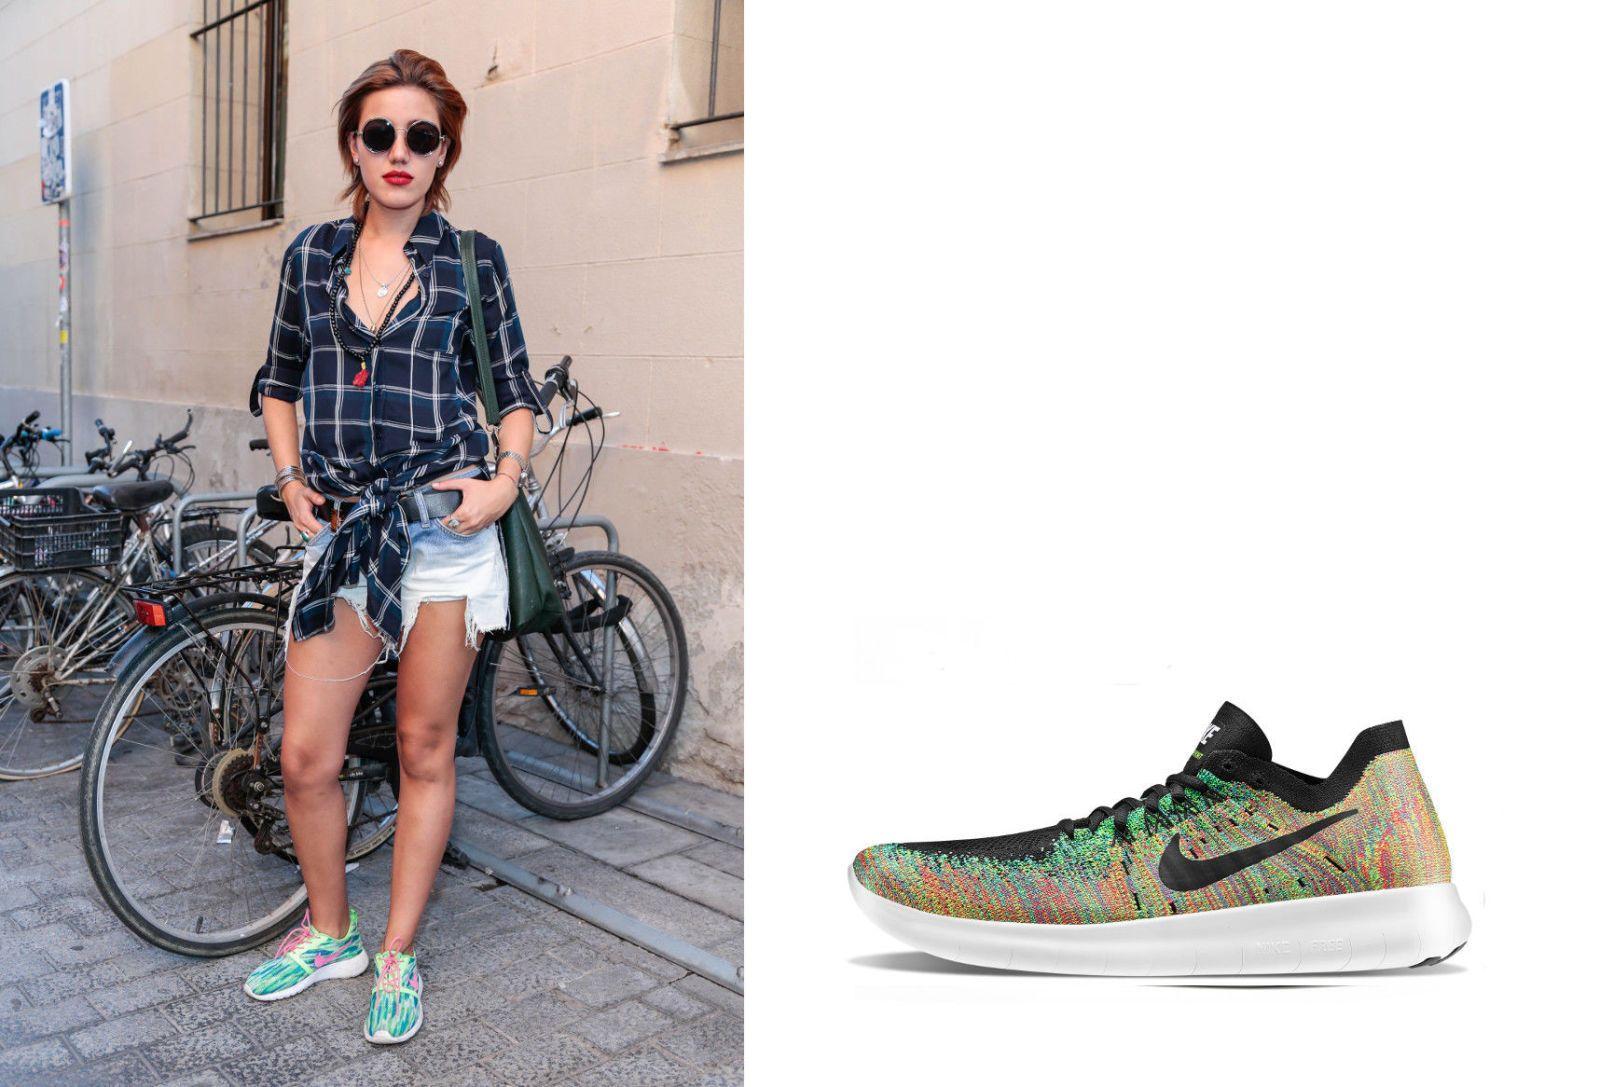 Come indossare le sneakers: 7 outfit per 7 occasioni diverse